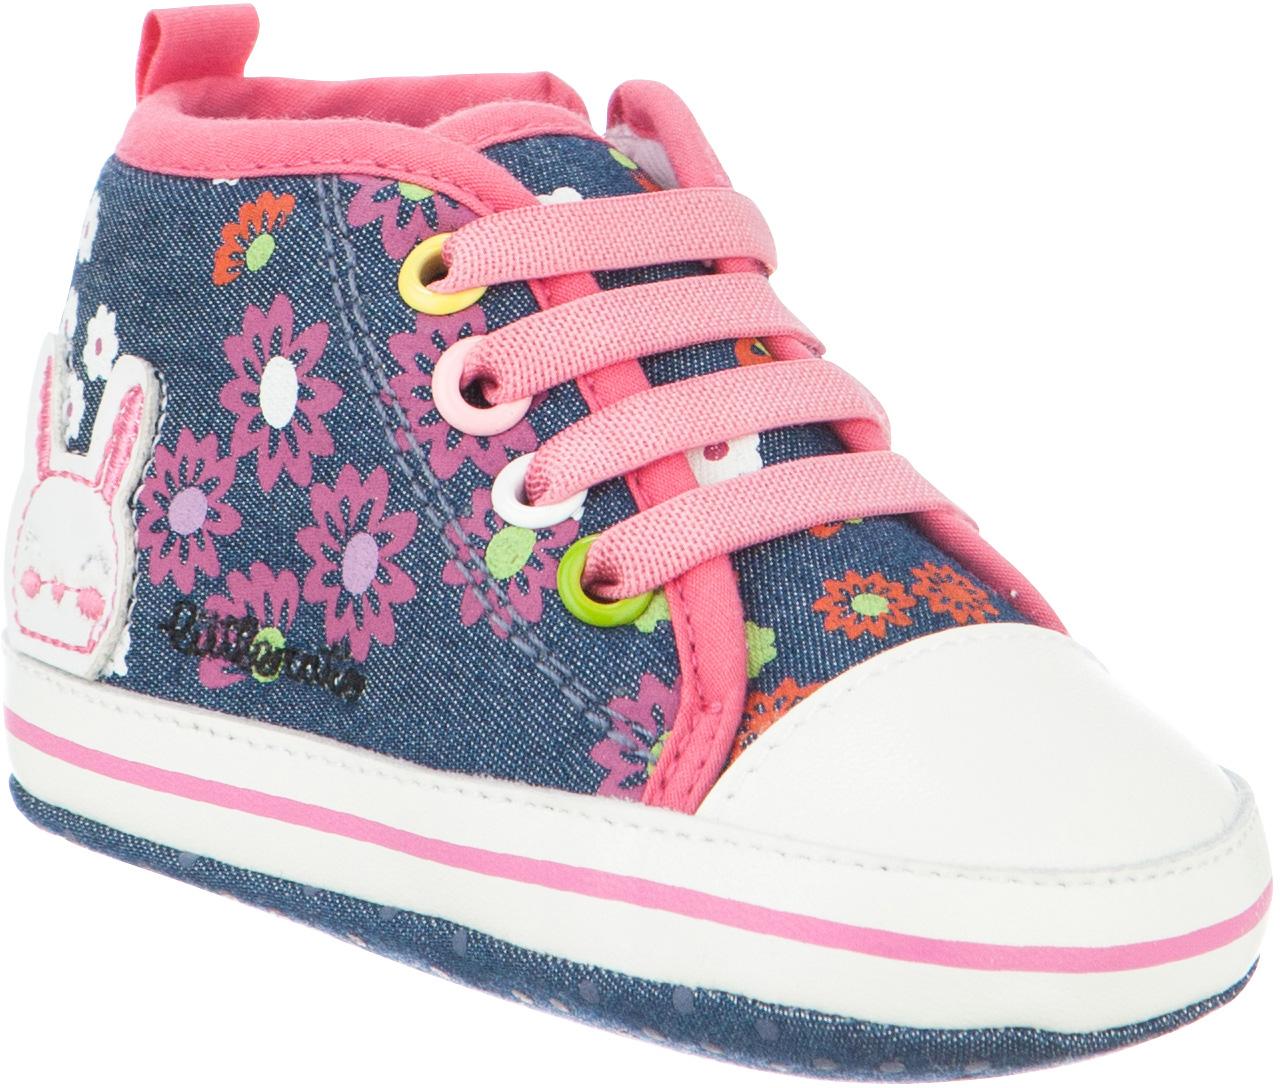 Пинетки детские Kapika, цвет: джинс. 10124. Размер 1710124Стильные и модные пинетки от Kapika великолепно дополнят наряд вашего малыша. В них он будет чувствовать себя комфортно и непринужденно. Пинетки в виде кед выполнены из хлопкового текстиля.Милые, нежные и удобные детские пинетки станут любимой обувью маленького непоседы.